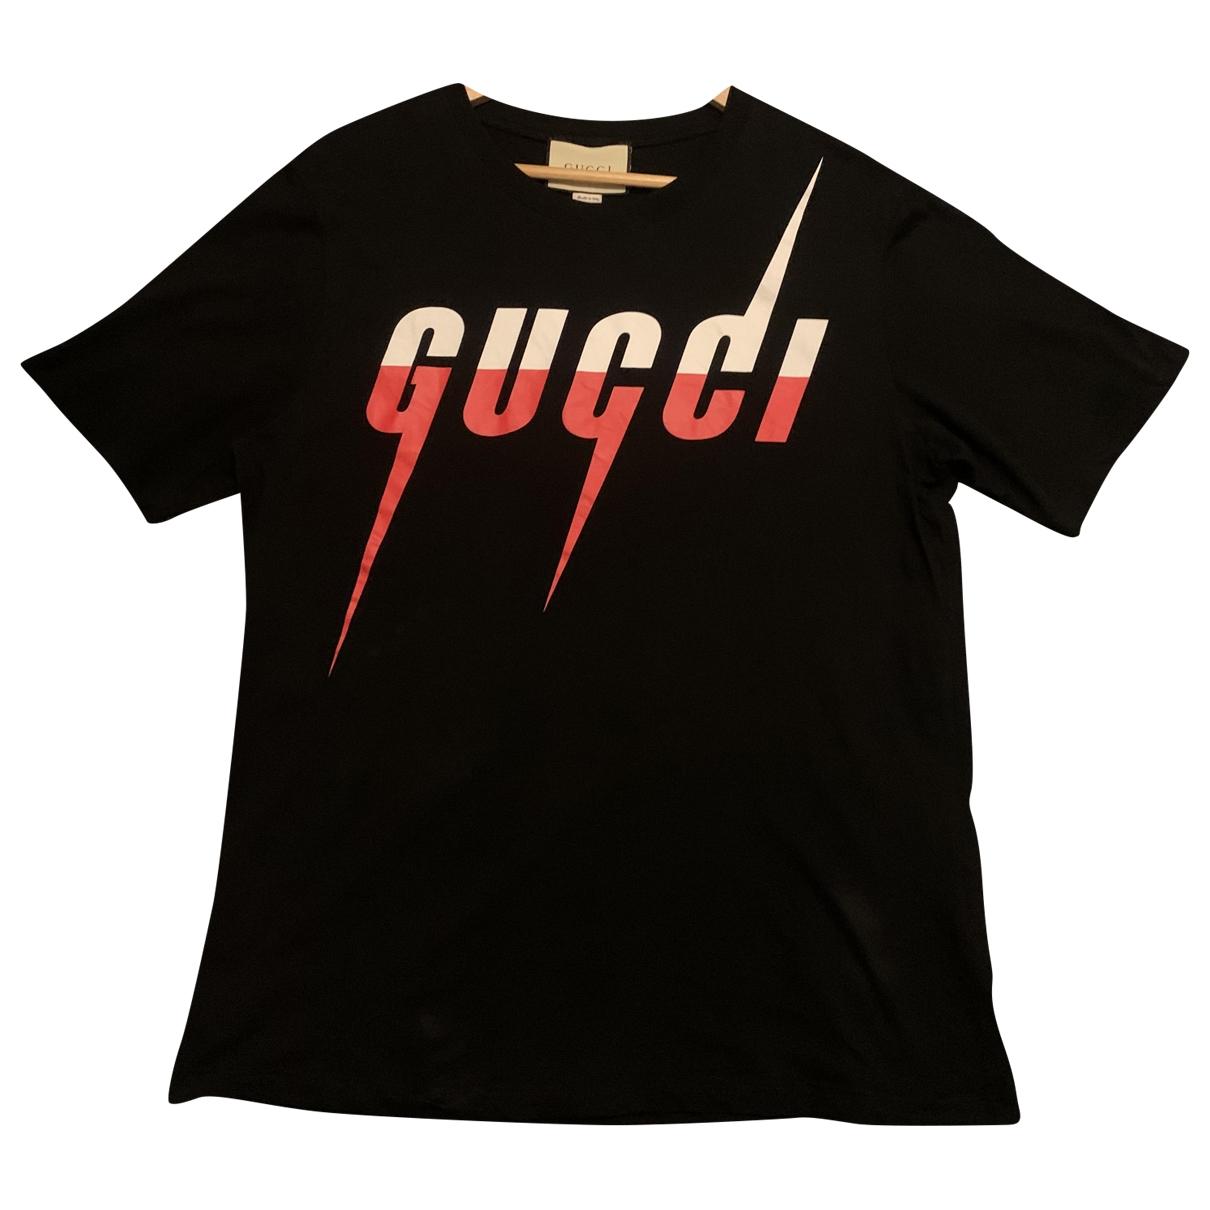 Gucci - Tee shirts   pour homme en coton - noir